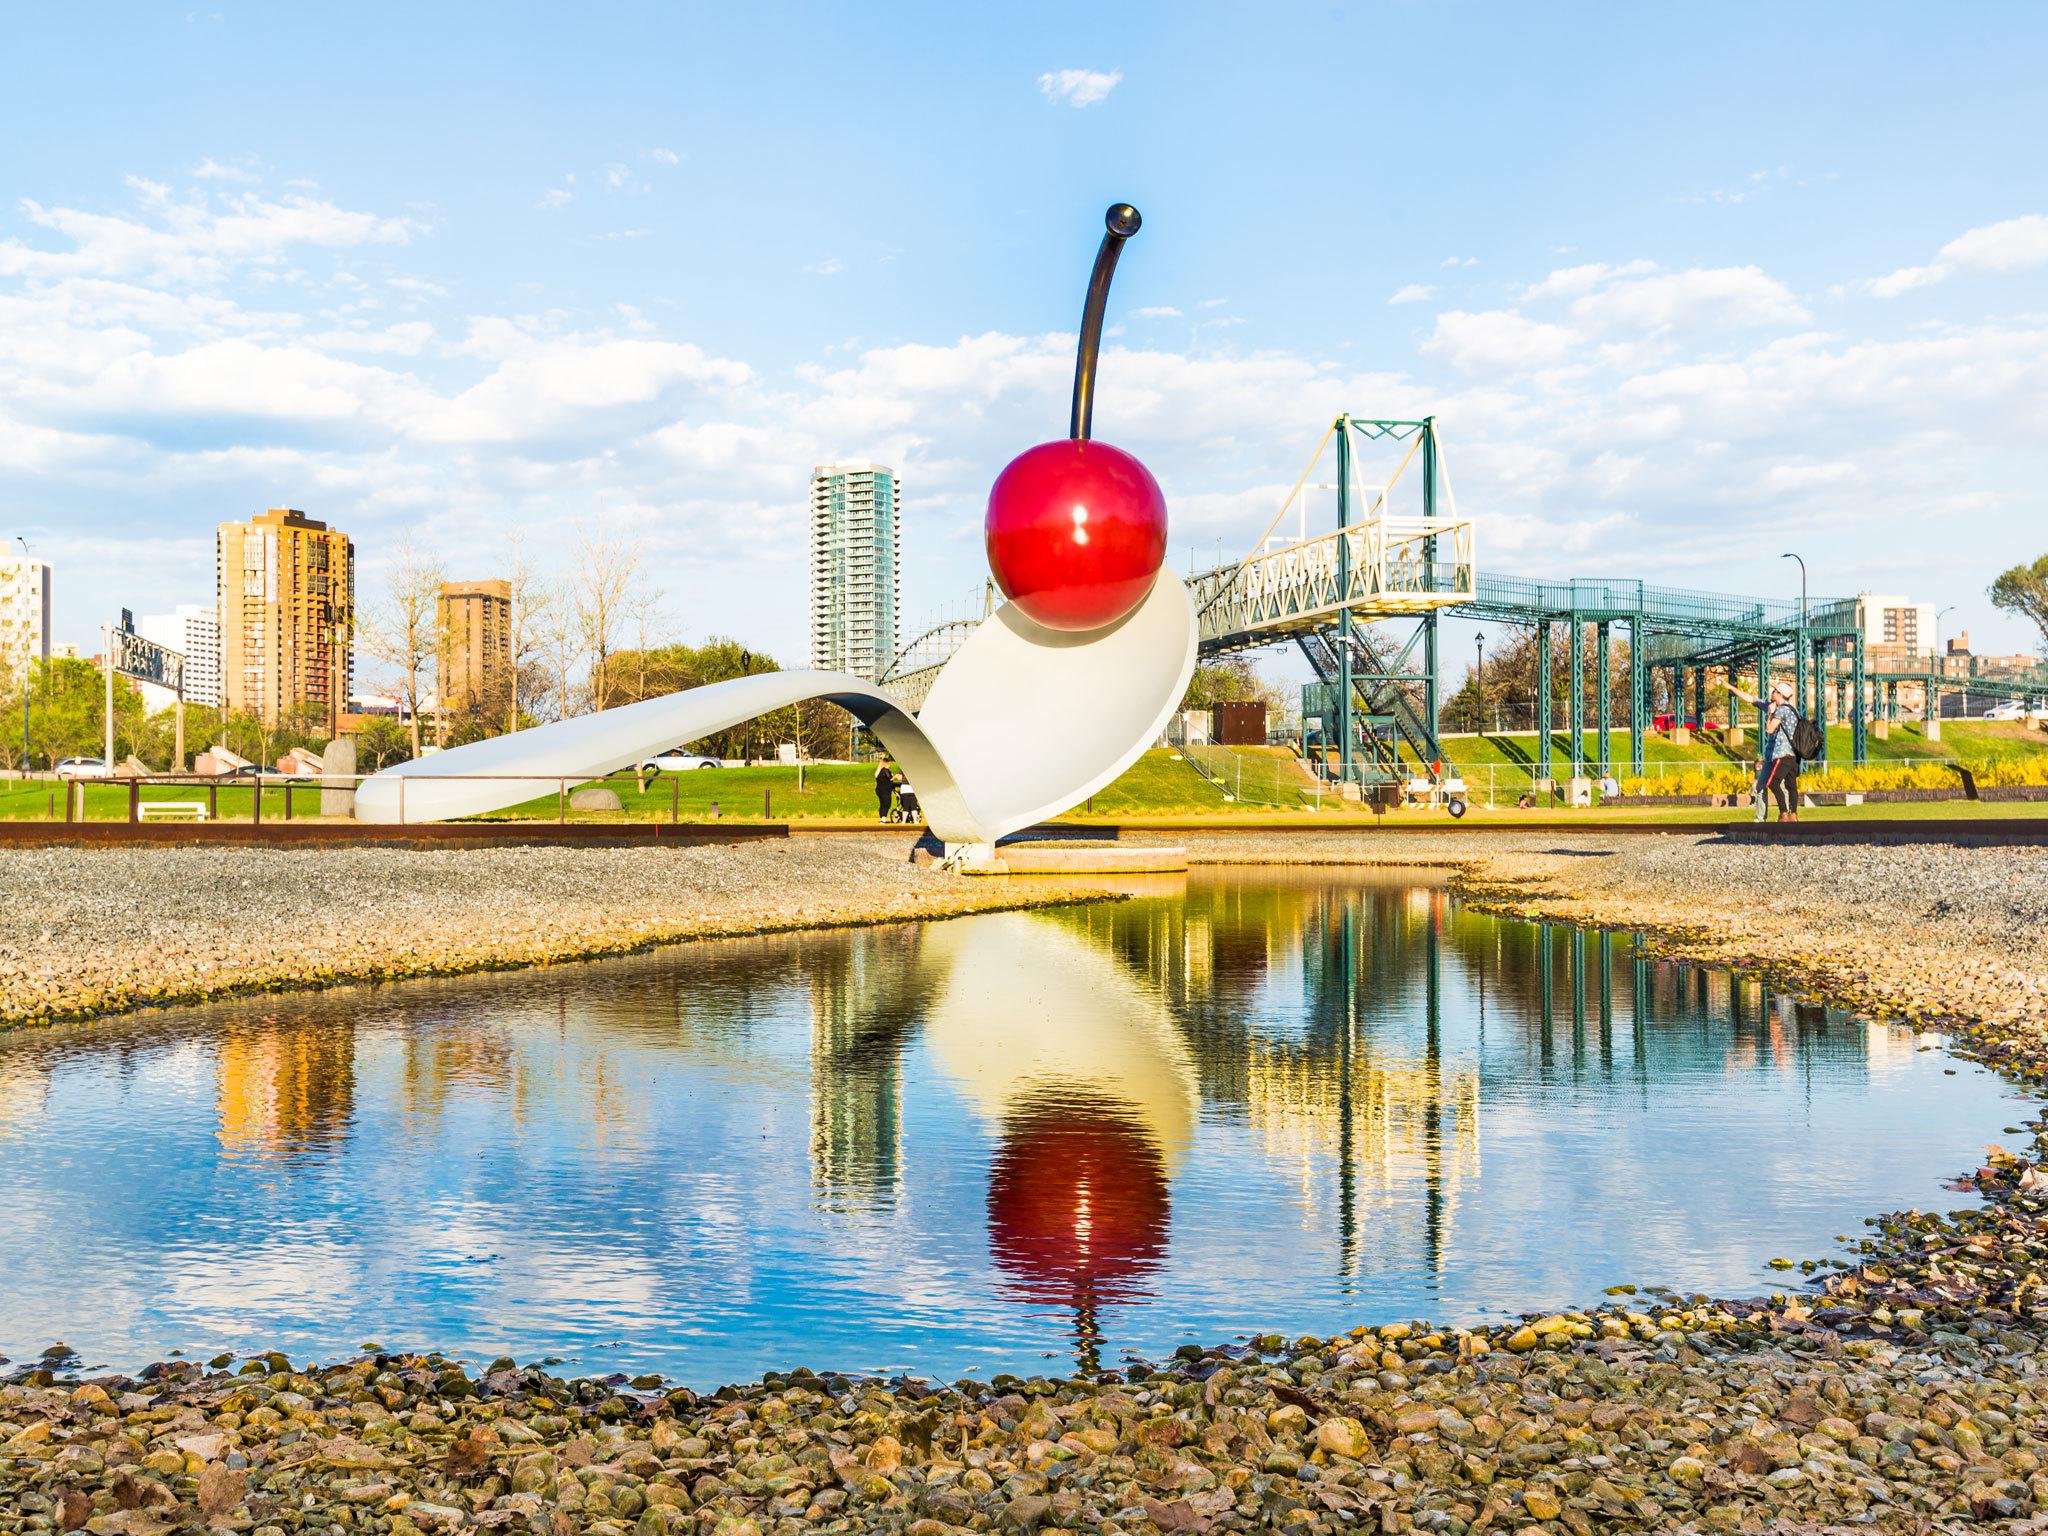 Minneapolis Sculpture Garden - Minnesota - US